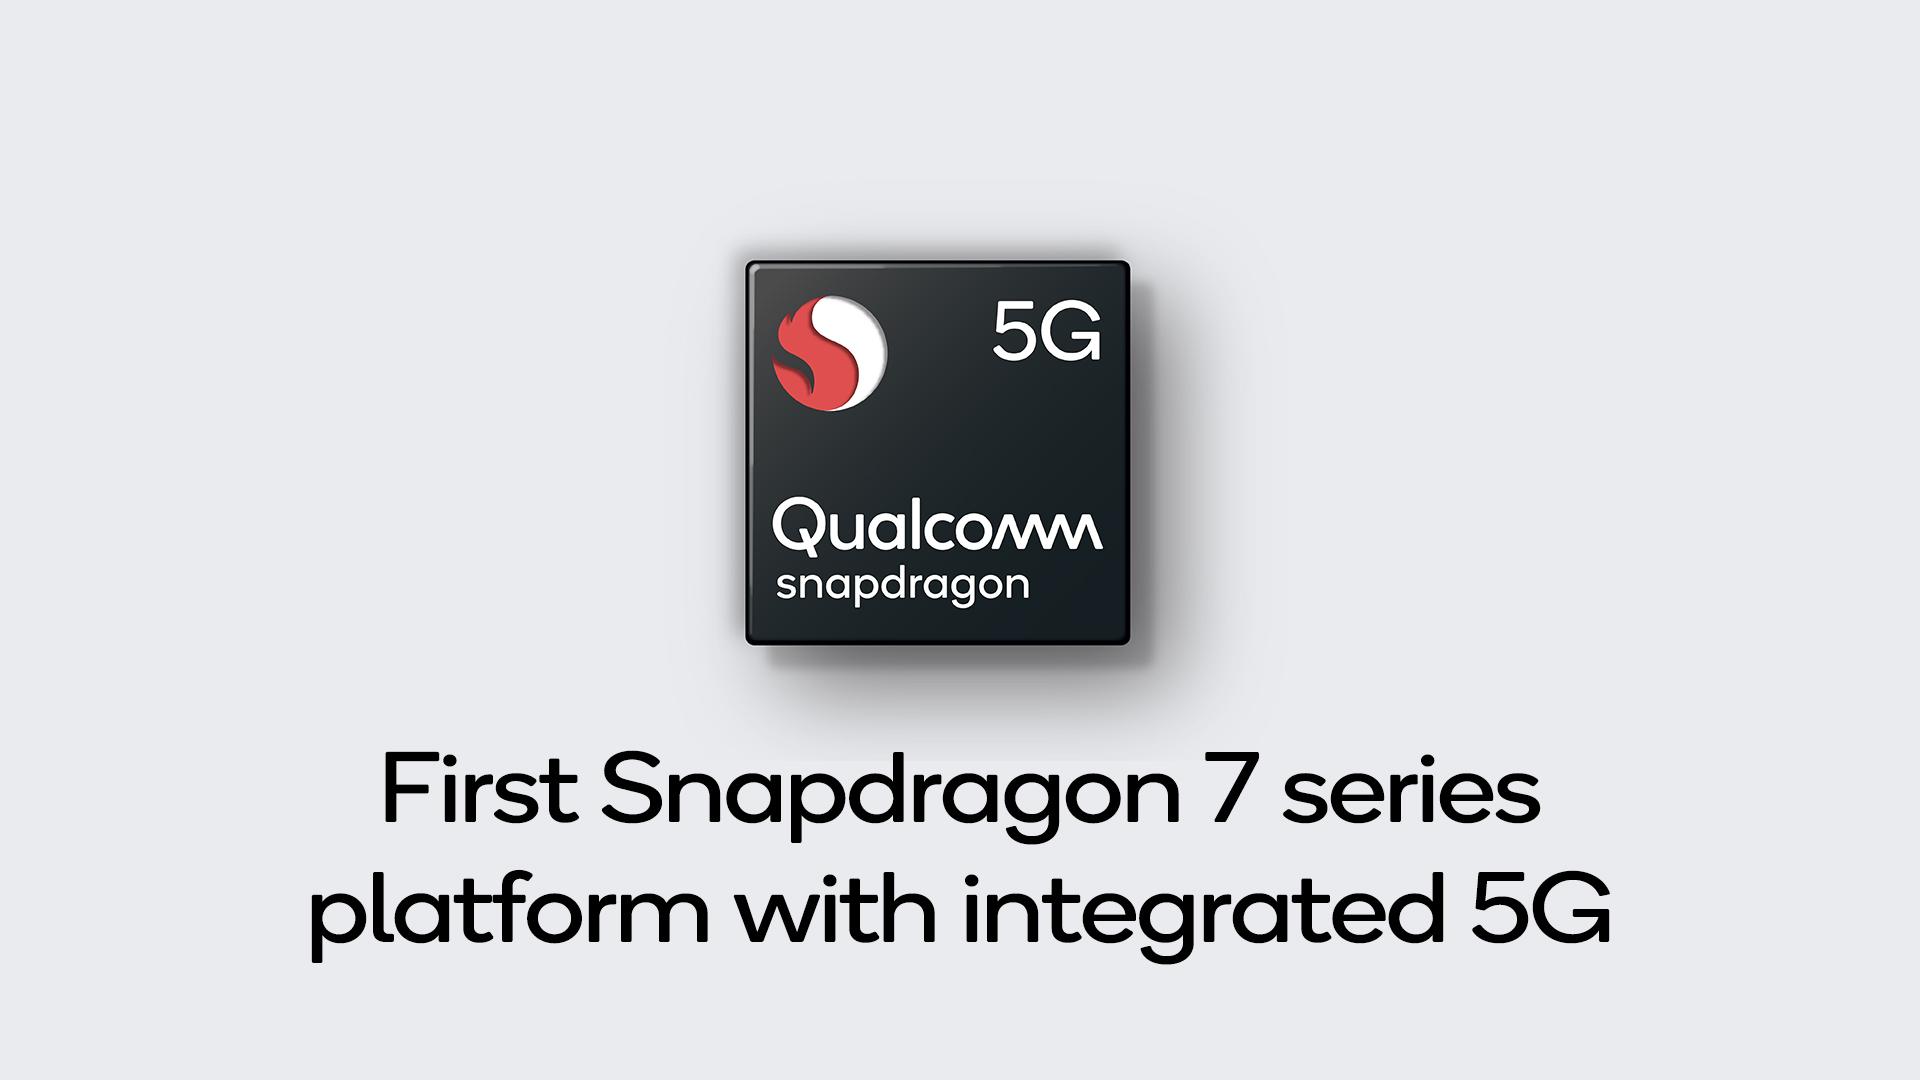 [IFA 2019] Qualcomm đẩy nhanh thương mại hóa 5G trên toàn cầu với nhiều dòng sản phẩm nền tảng Snapdragon 5G Platforms